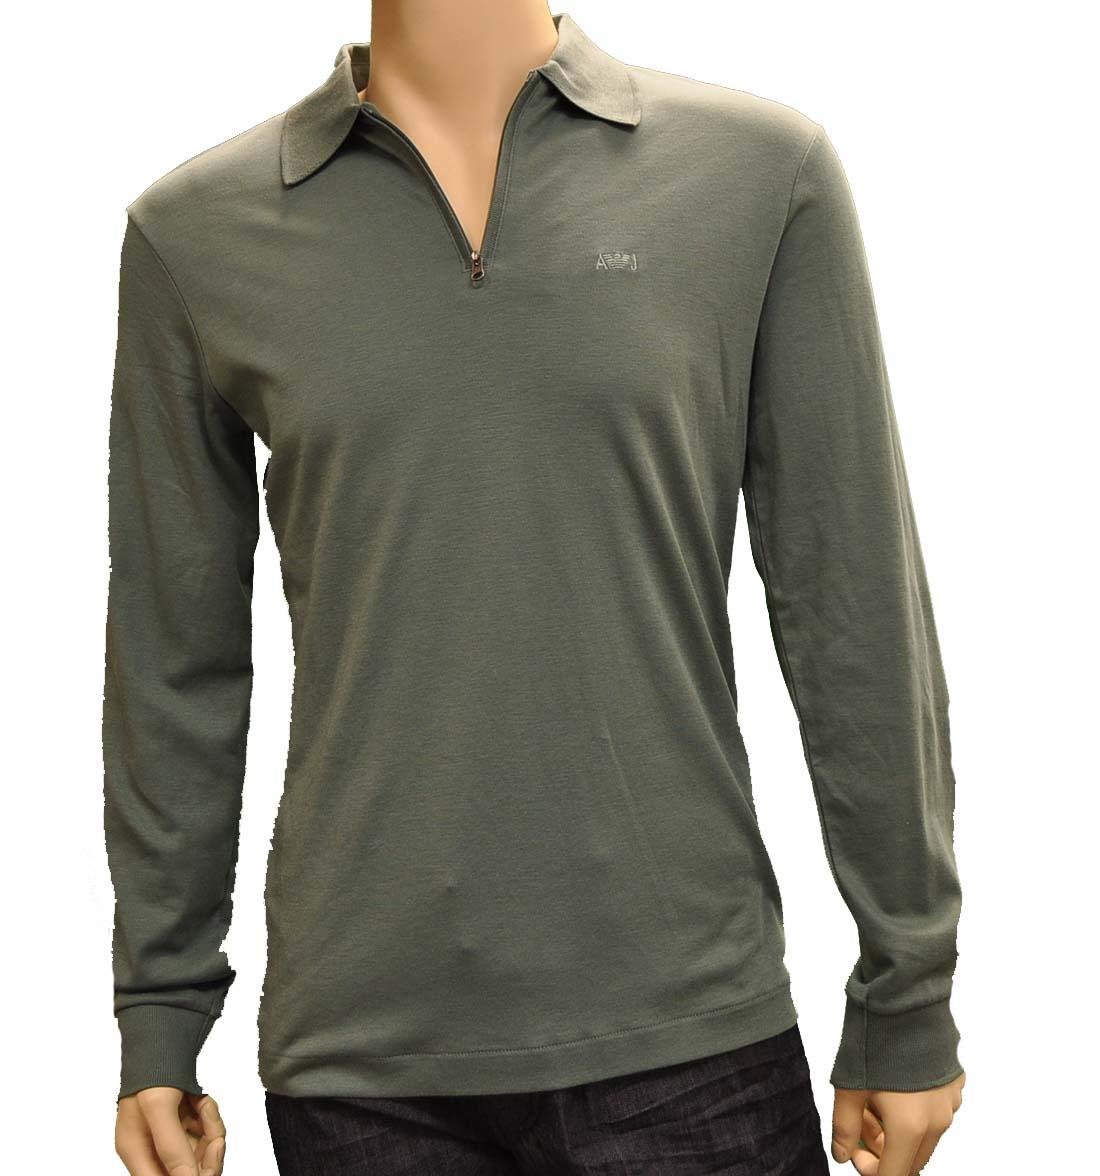 Armani Jeans Green Cotton Shirt